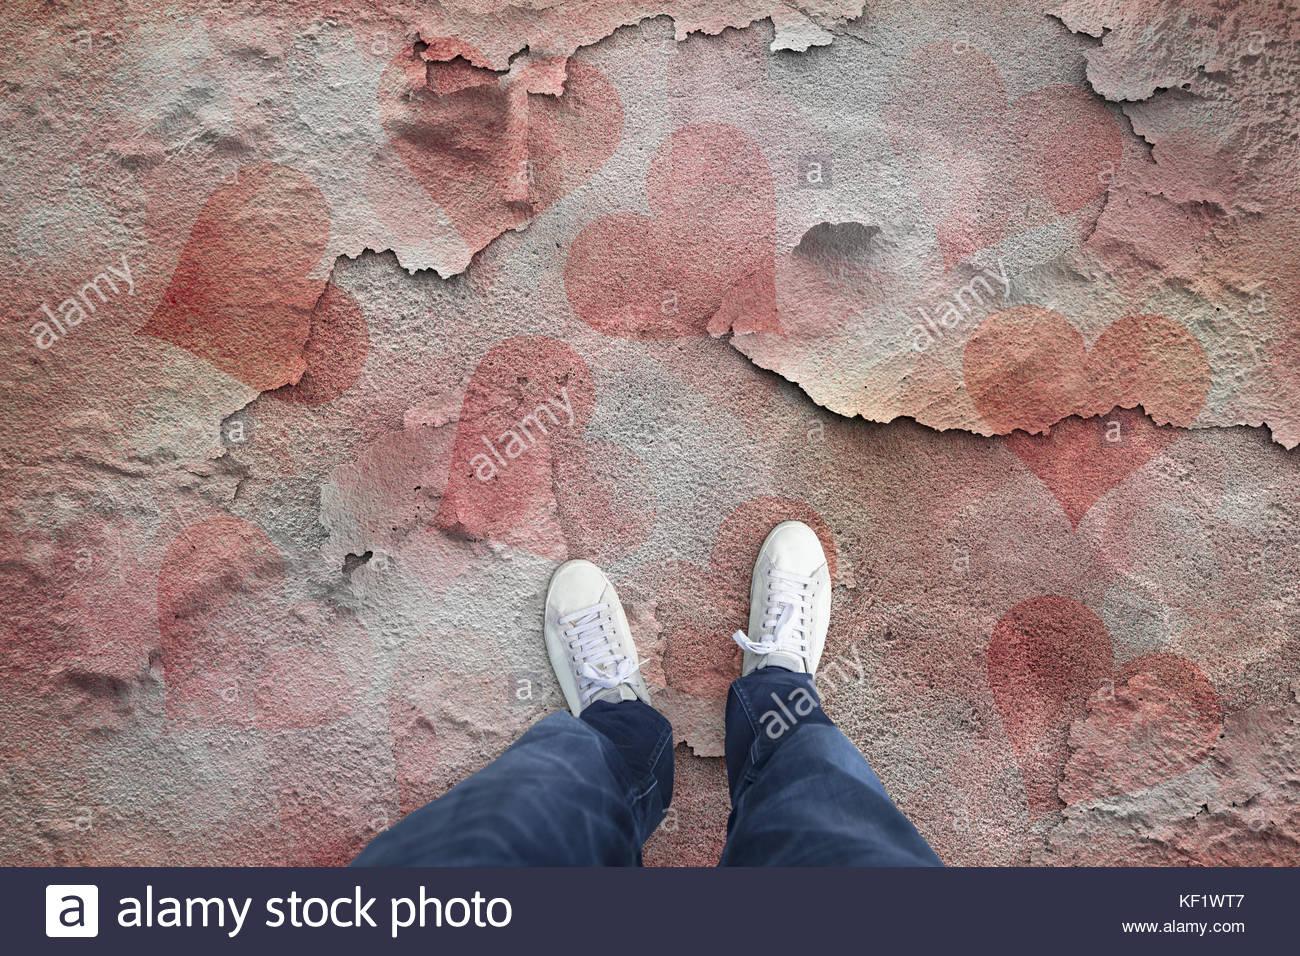 Hombre de pie en el suelo resquebrajado y roto con pintadas de color rojo púrpura corazones. Perspectiva Personal. Imagen De Stock